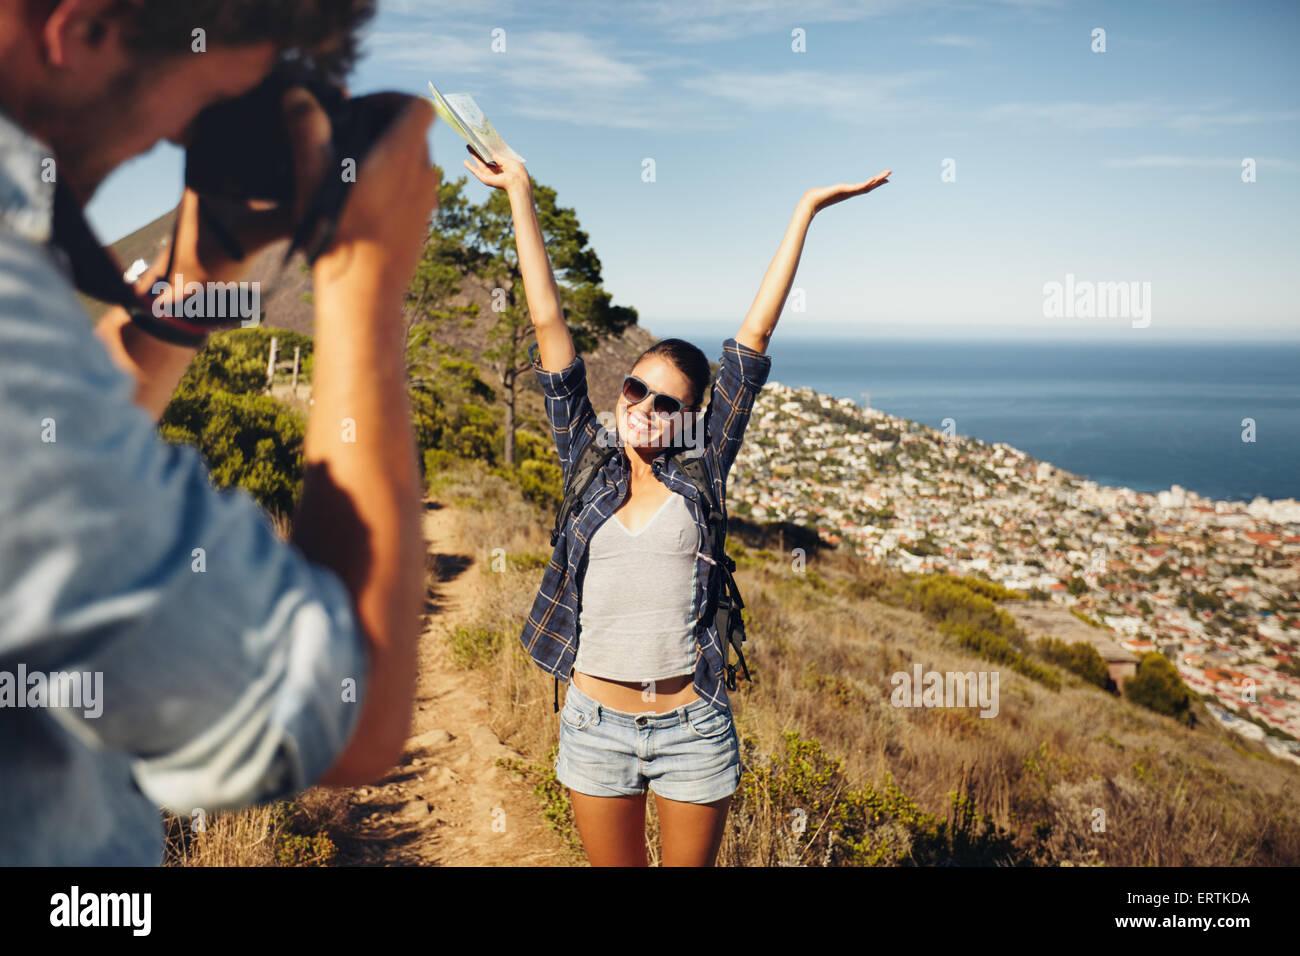 Glückliche junge Frau posiert mit ihren Armen angehoben, um ihrem Freund ihr fotografieren mit Digitalkamera. Stockbild